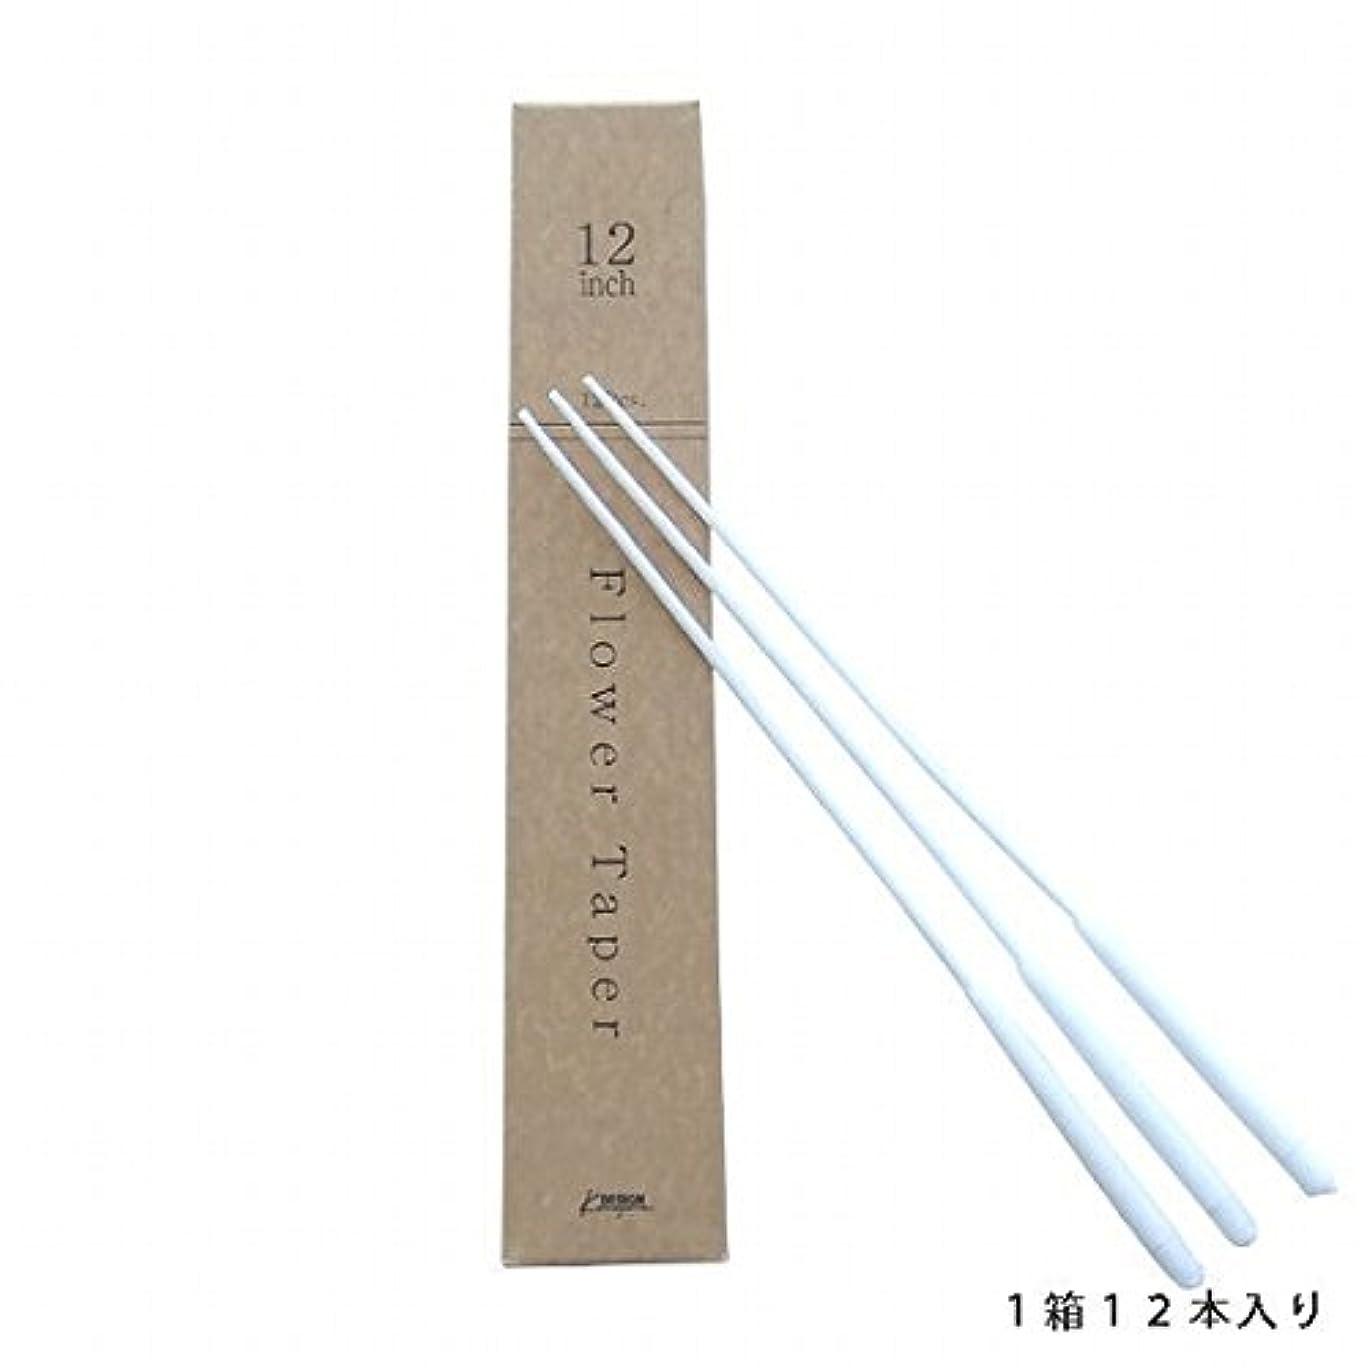 溝クッション補体カメヤマキャンドル(kameyama candle) 12インチトーチ用フラワーテーパー12本入 「 ホワイト 」